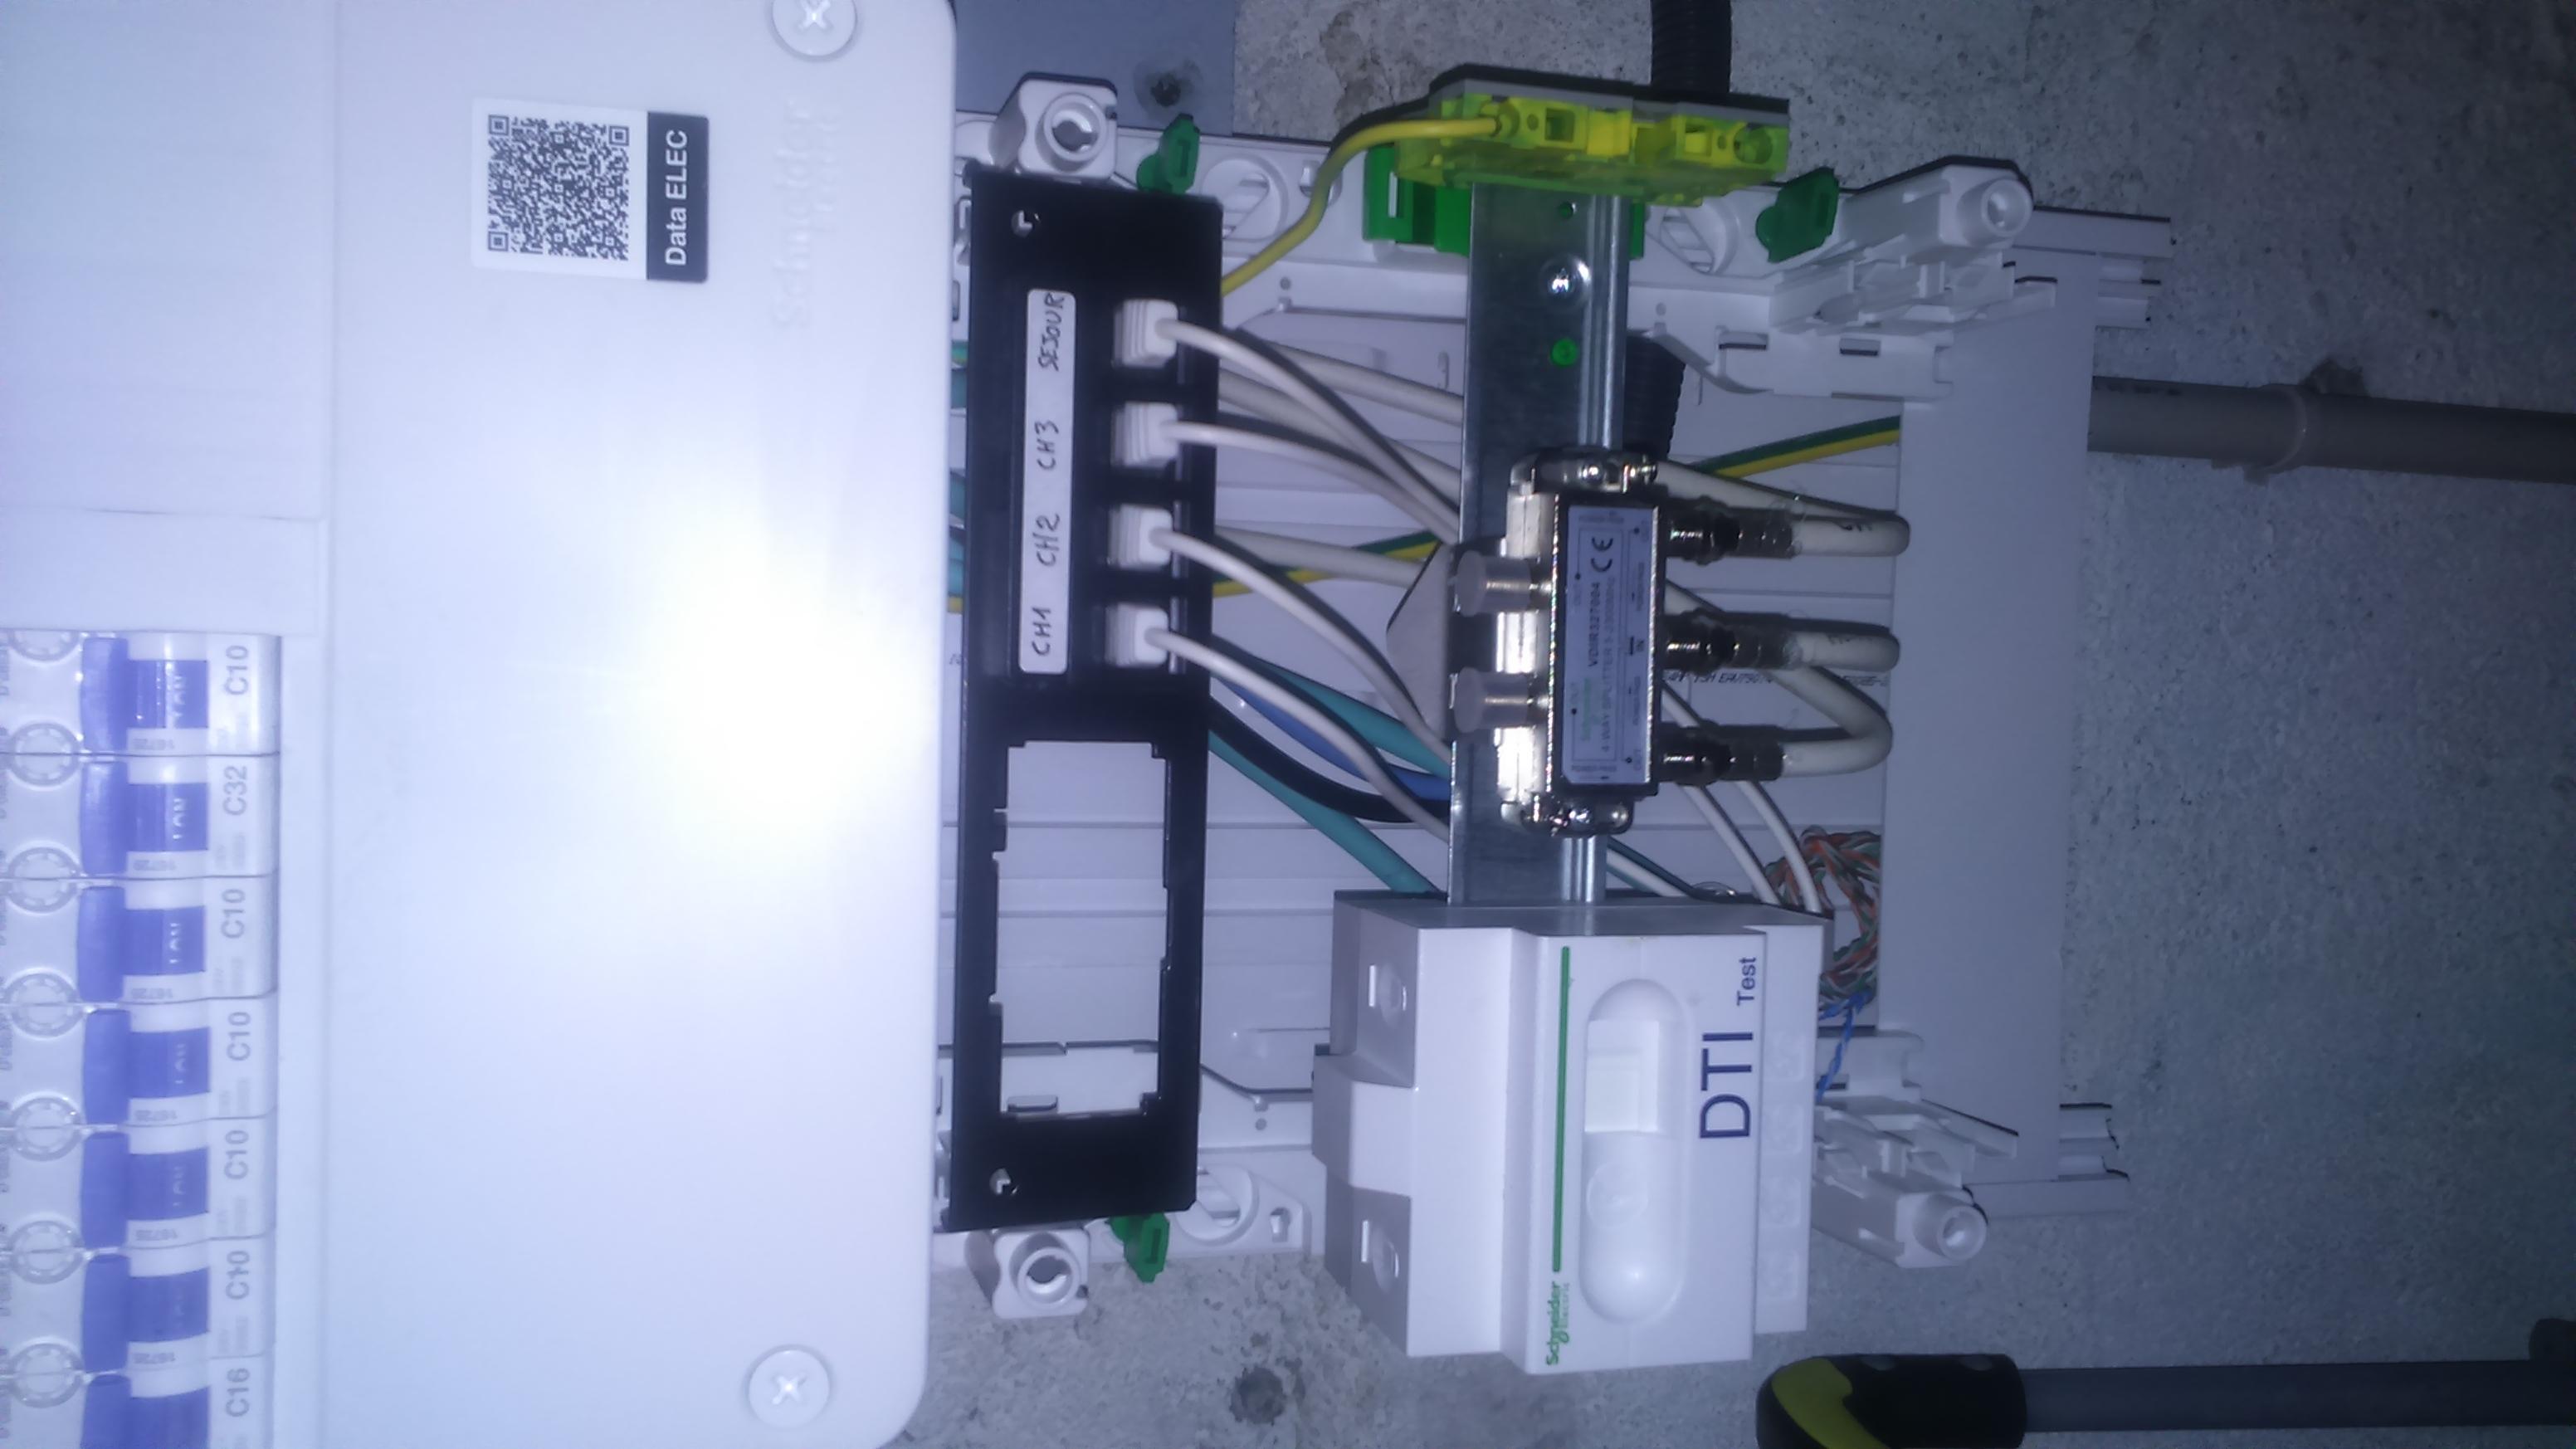 R solu comment brancher ma box sur prise dti le forum sfr 1881047 - Comment avoir internet sans box ...